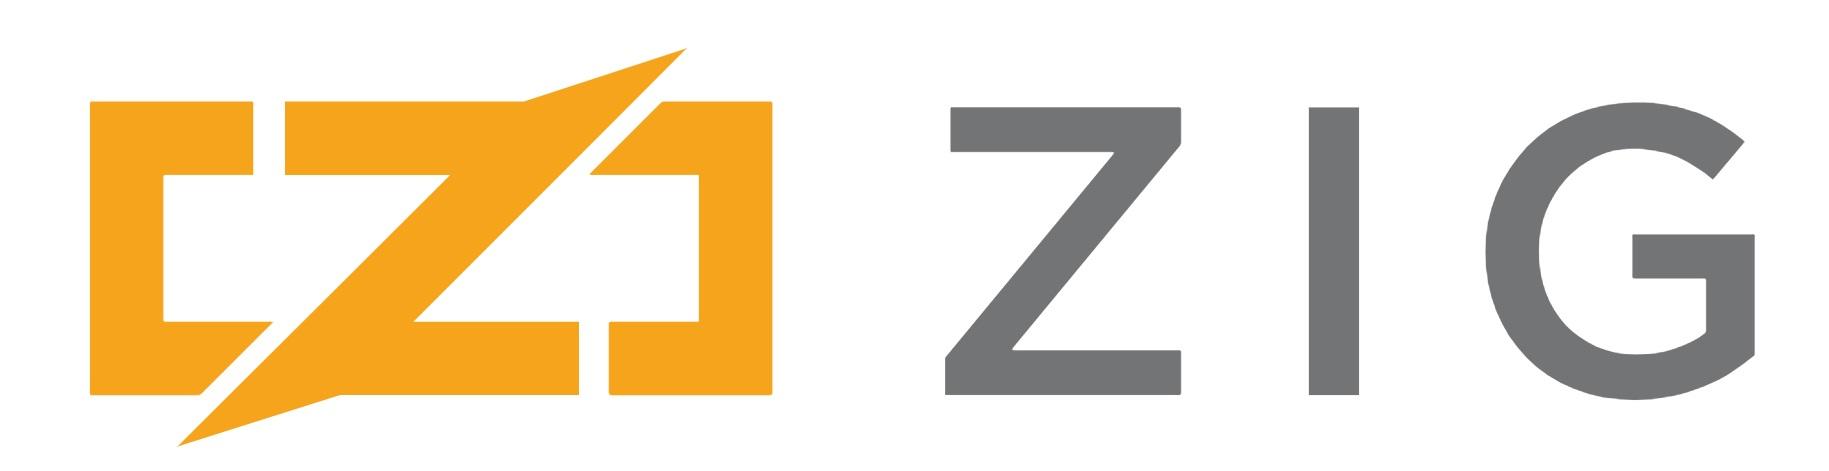 Как работает Zig? - 1